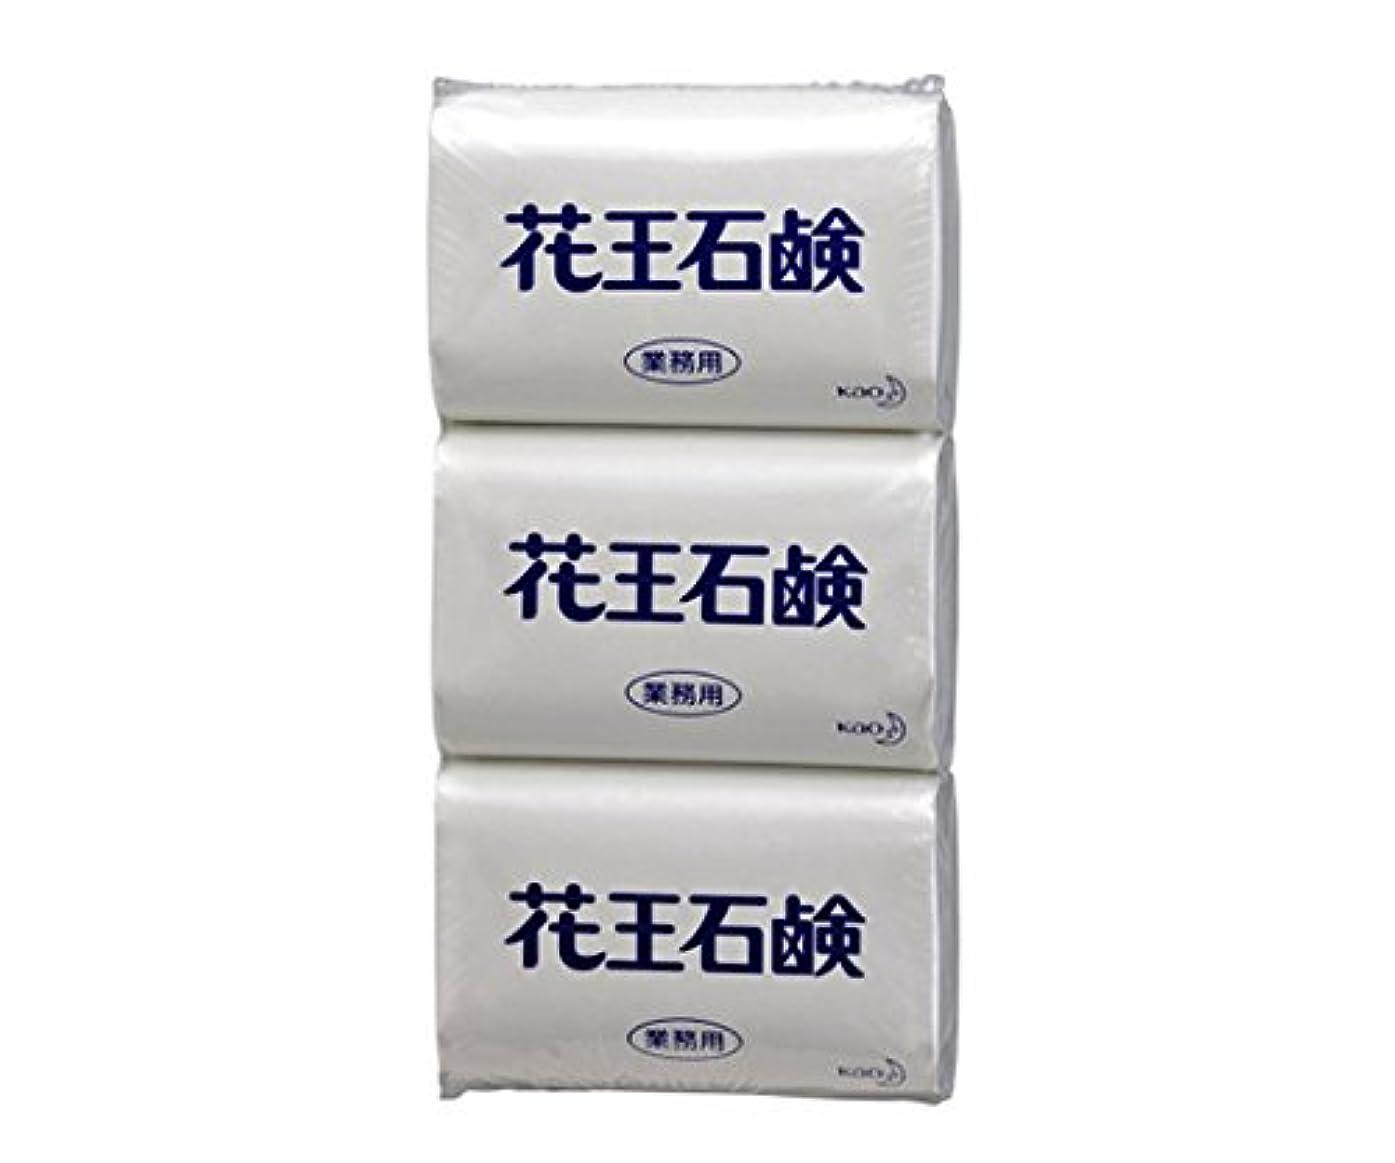 受け皿触覚ゆり花王1-2756-11石鹸85G